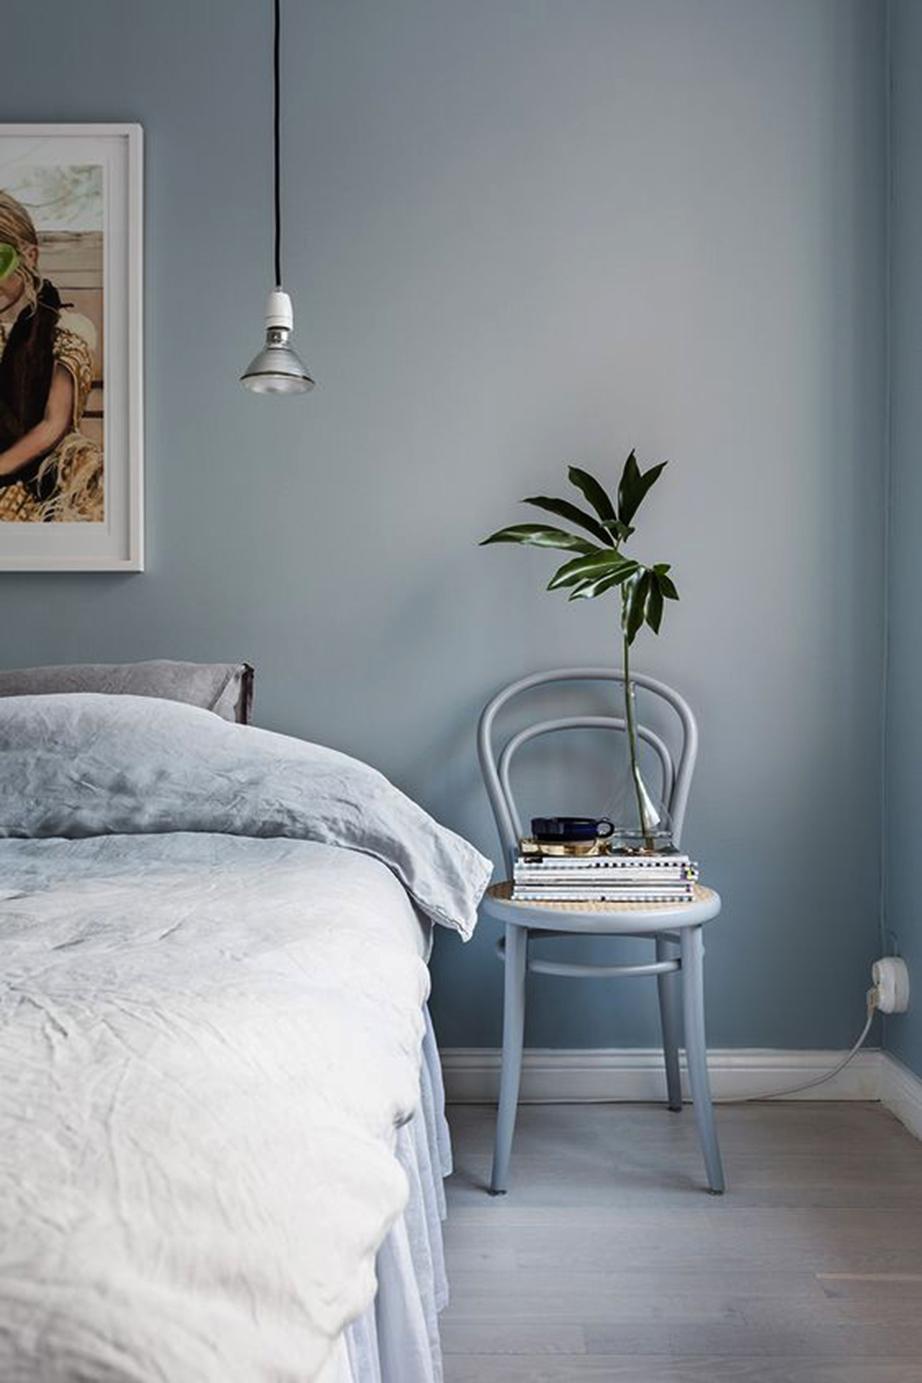 Ανάλογα με το είδος και τις πηγές φωτισμού οι τοίχοι σας θα έχουν διαφορετικό χρώμα που άλλοτε προς το γκρι θα φέρνει και άλλοτε προς το μπλε.